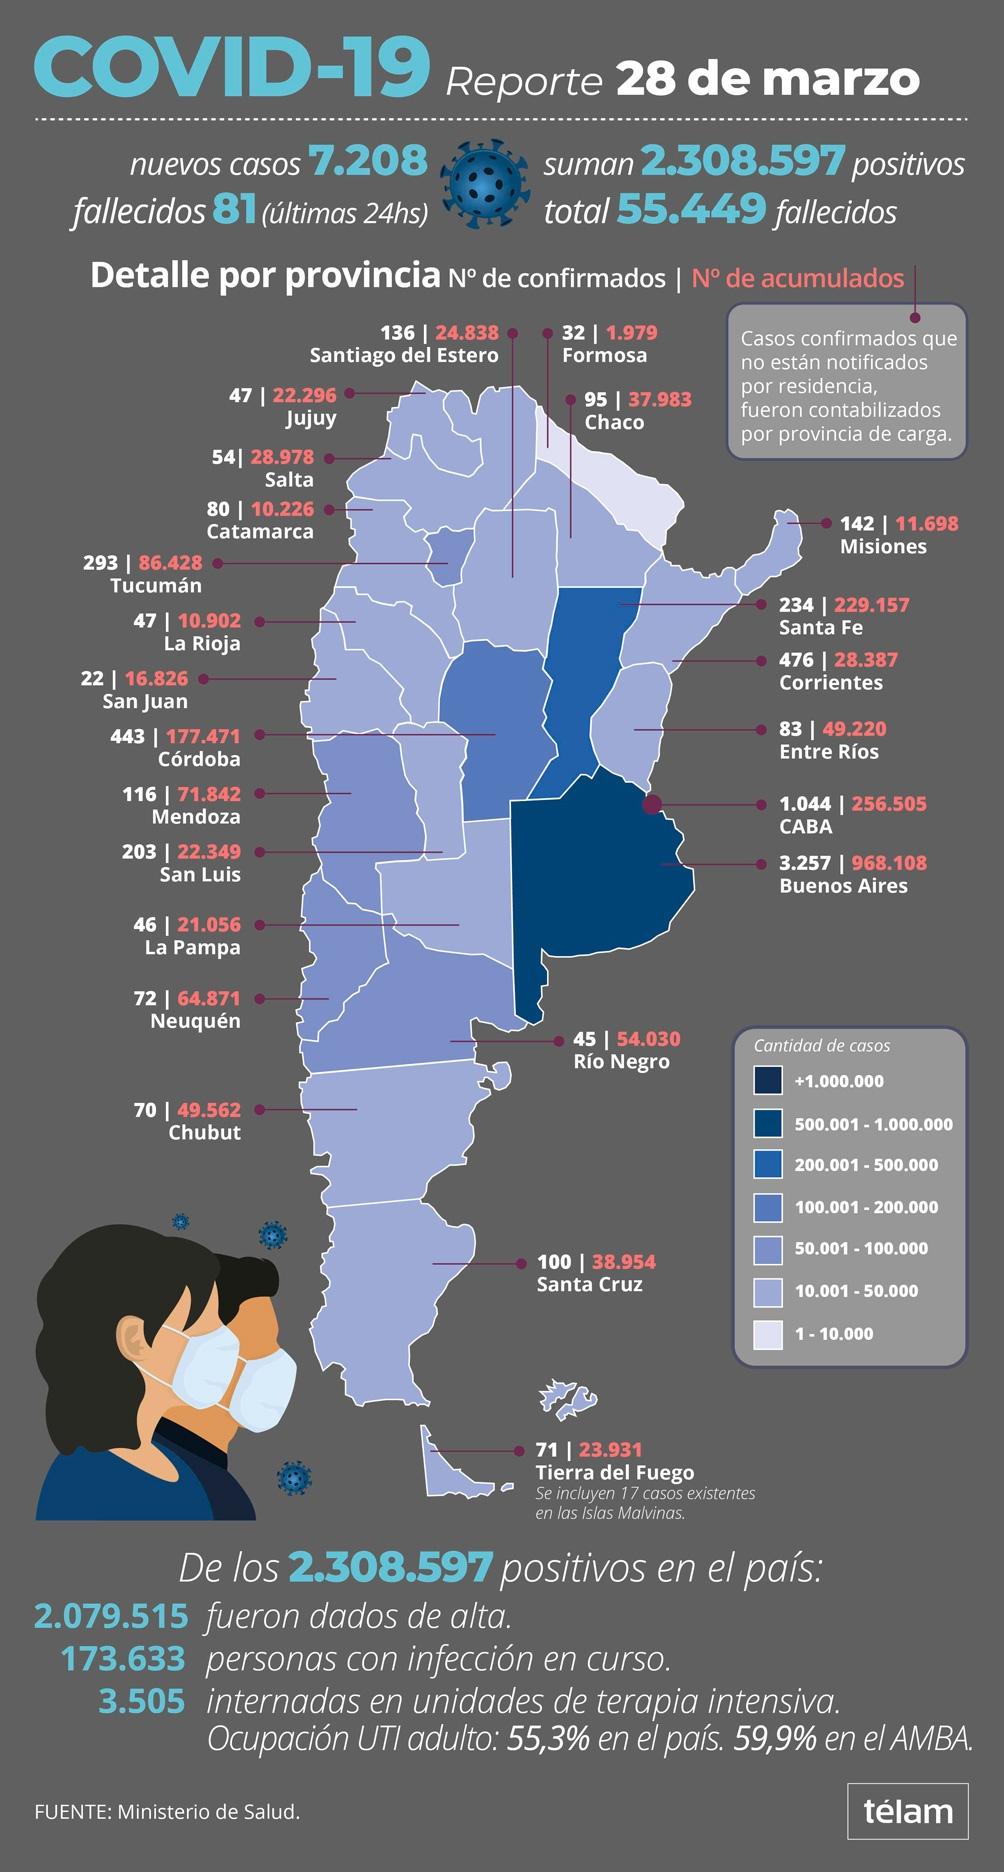 7.208 nuevos casos de coronavirus en el país